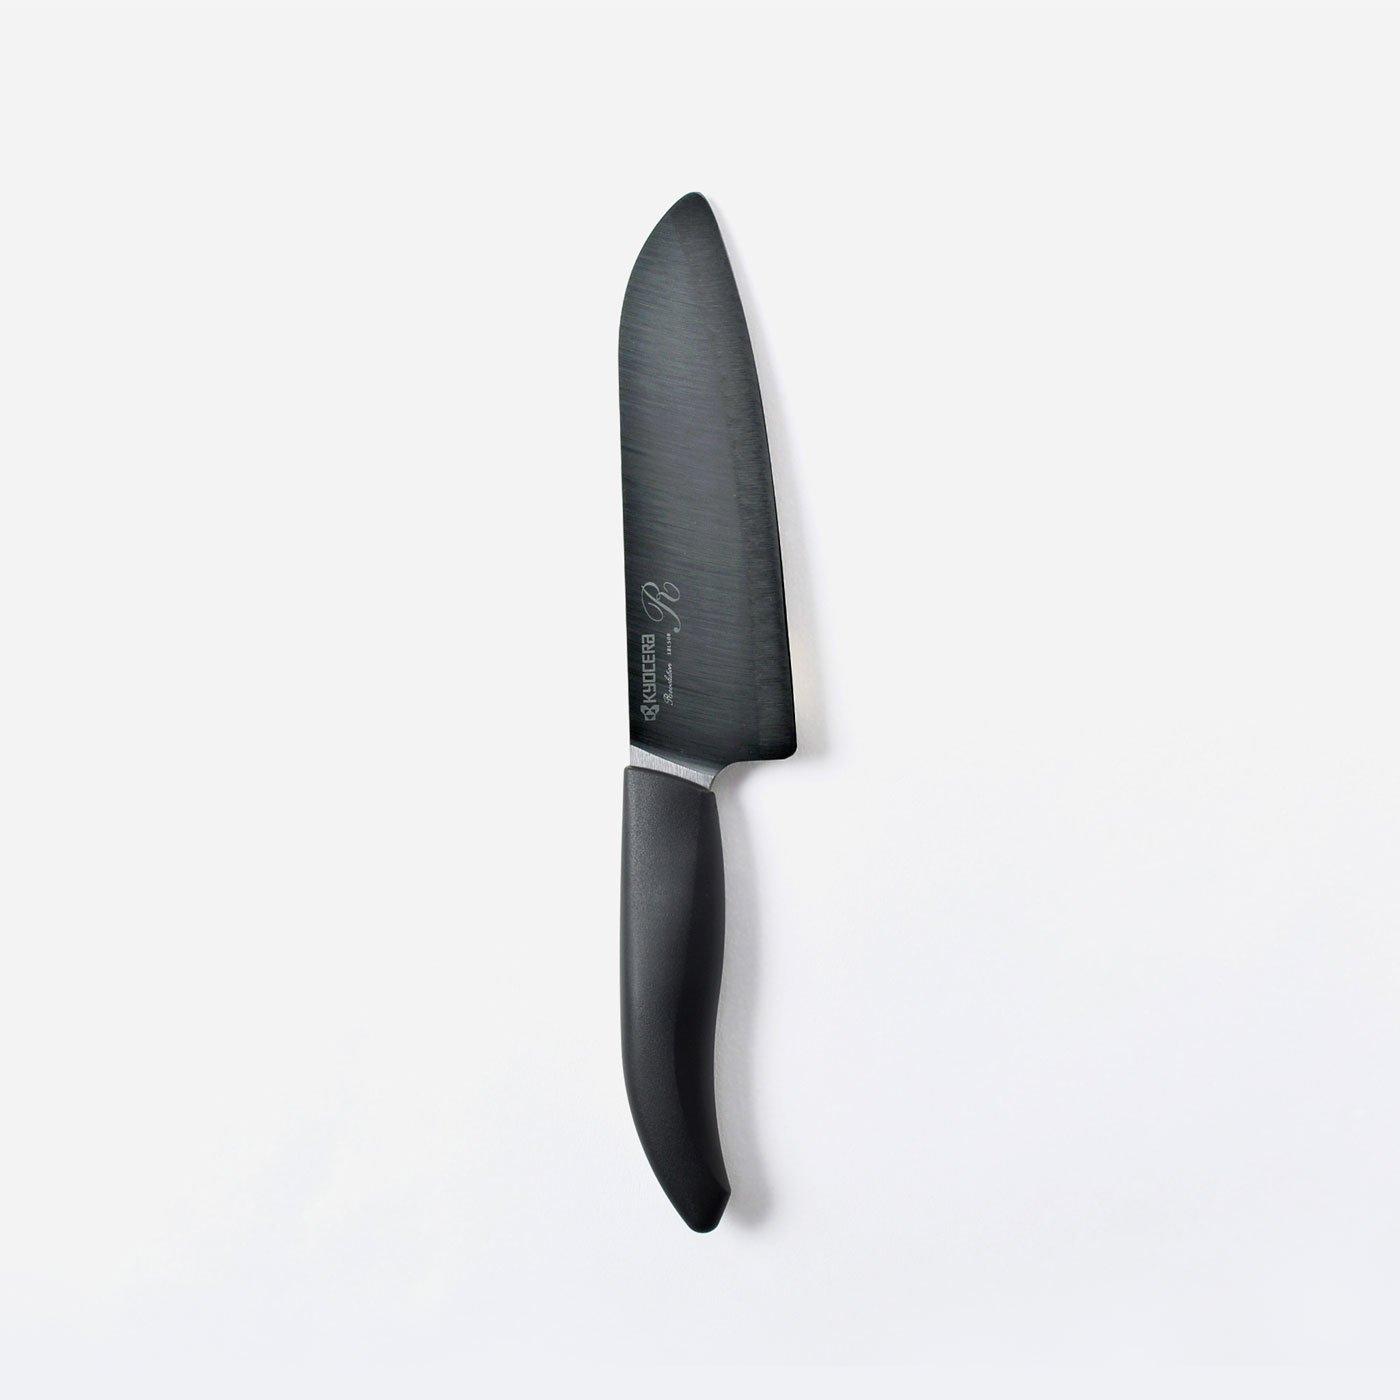 軽い・さびない・お手入れ簡単! セラミックナイフ〈16cm三徳ナイフ〉